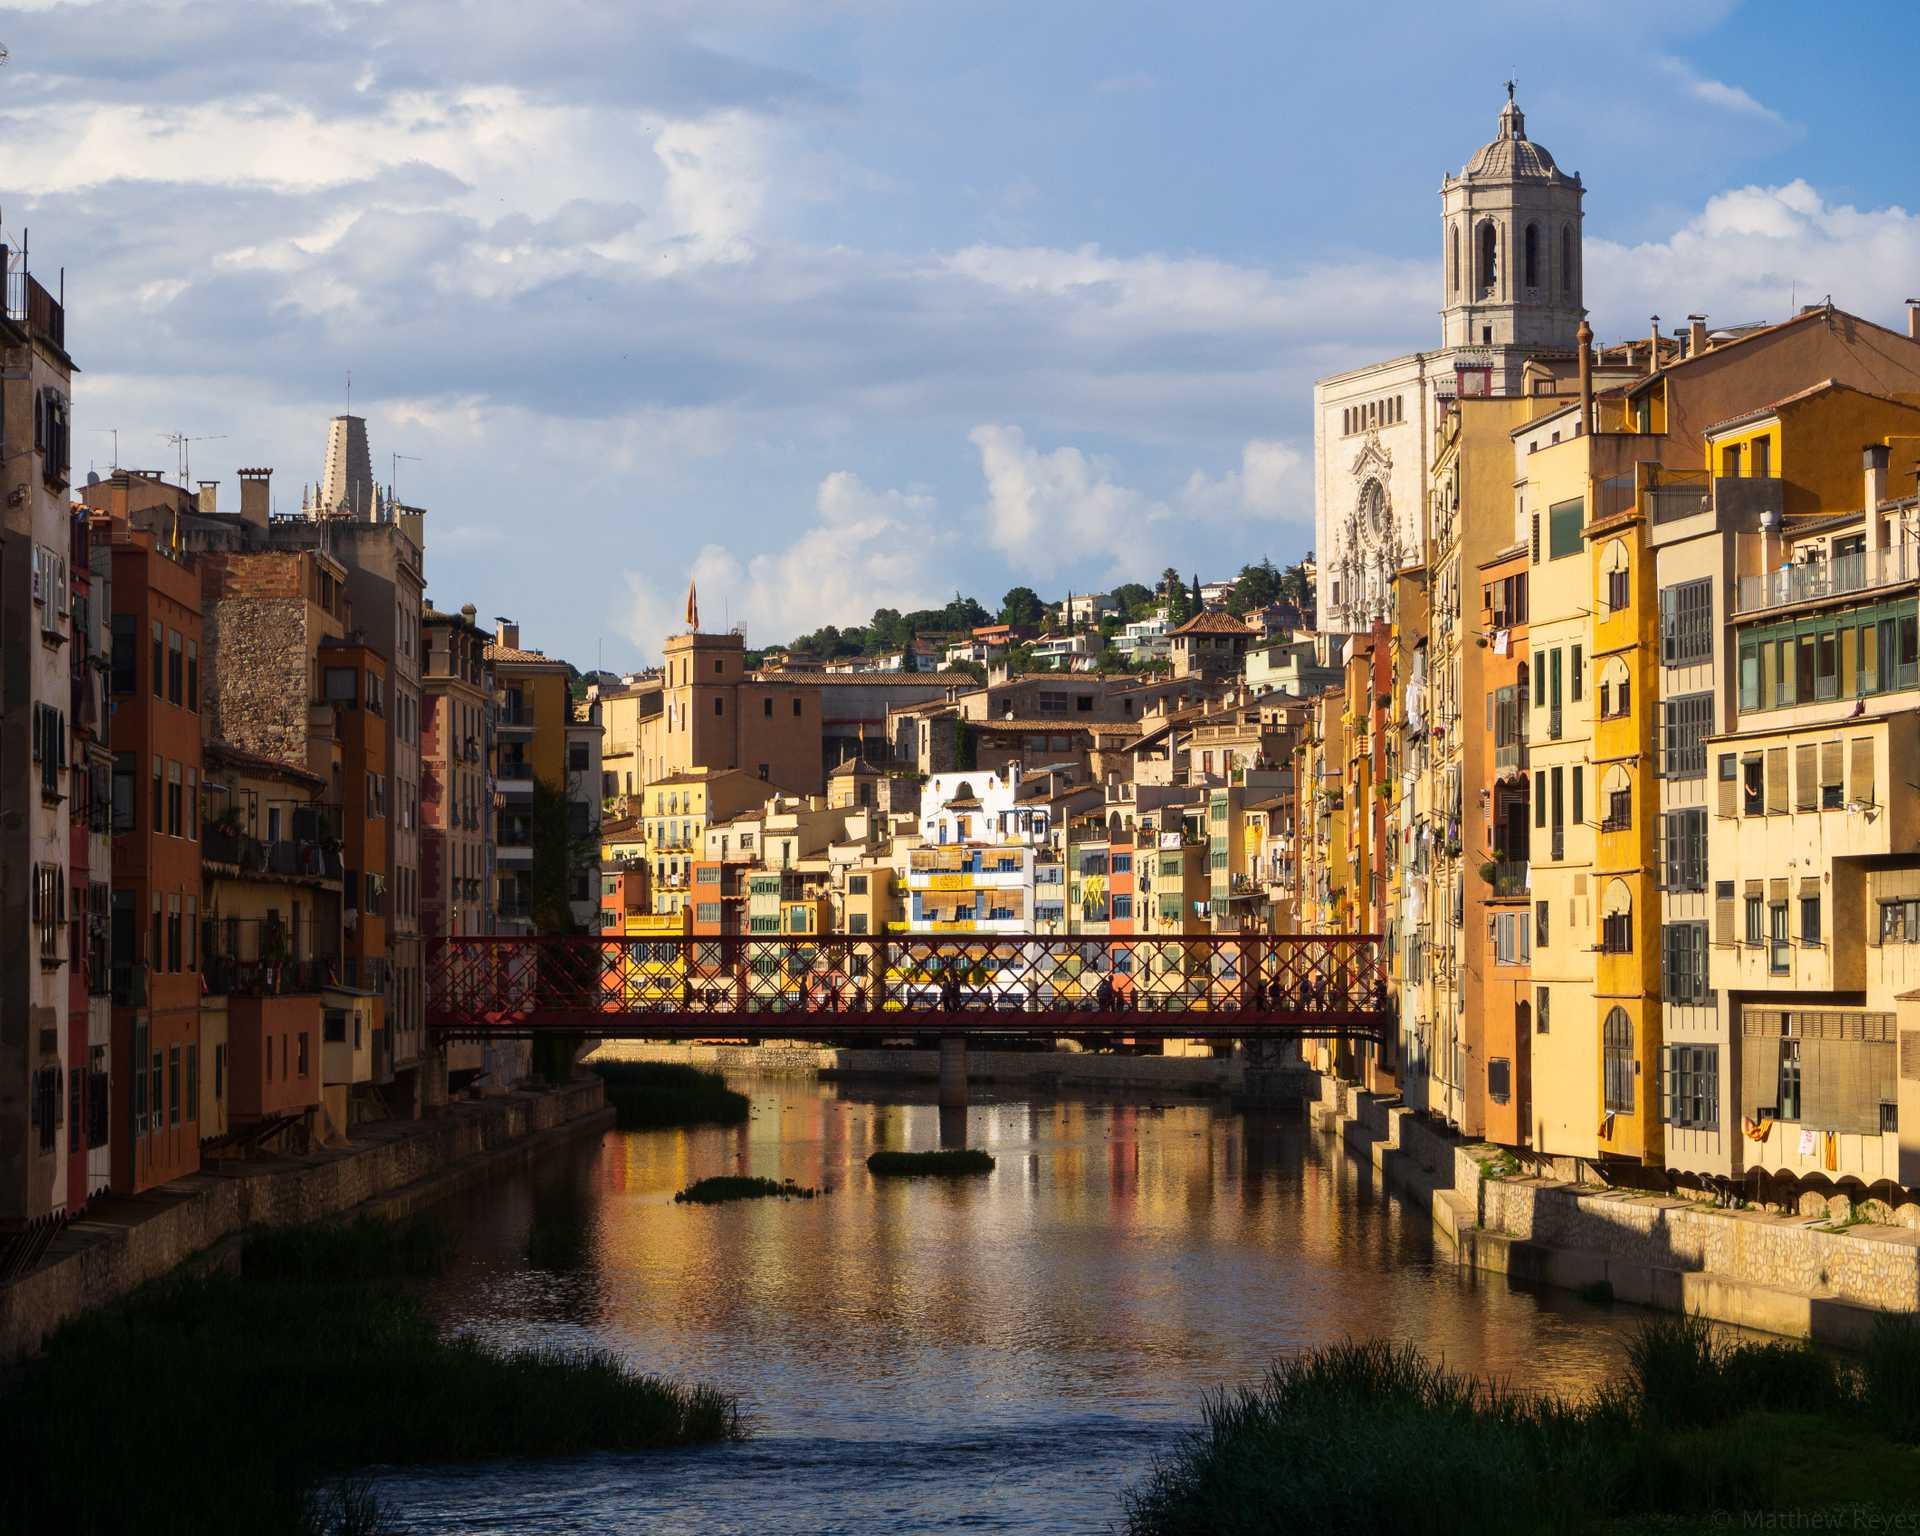 Girona_Waterway.jpg